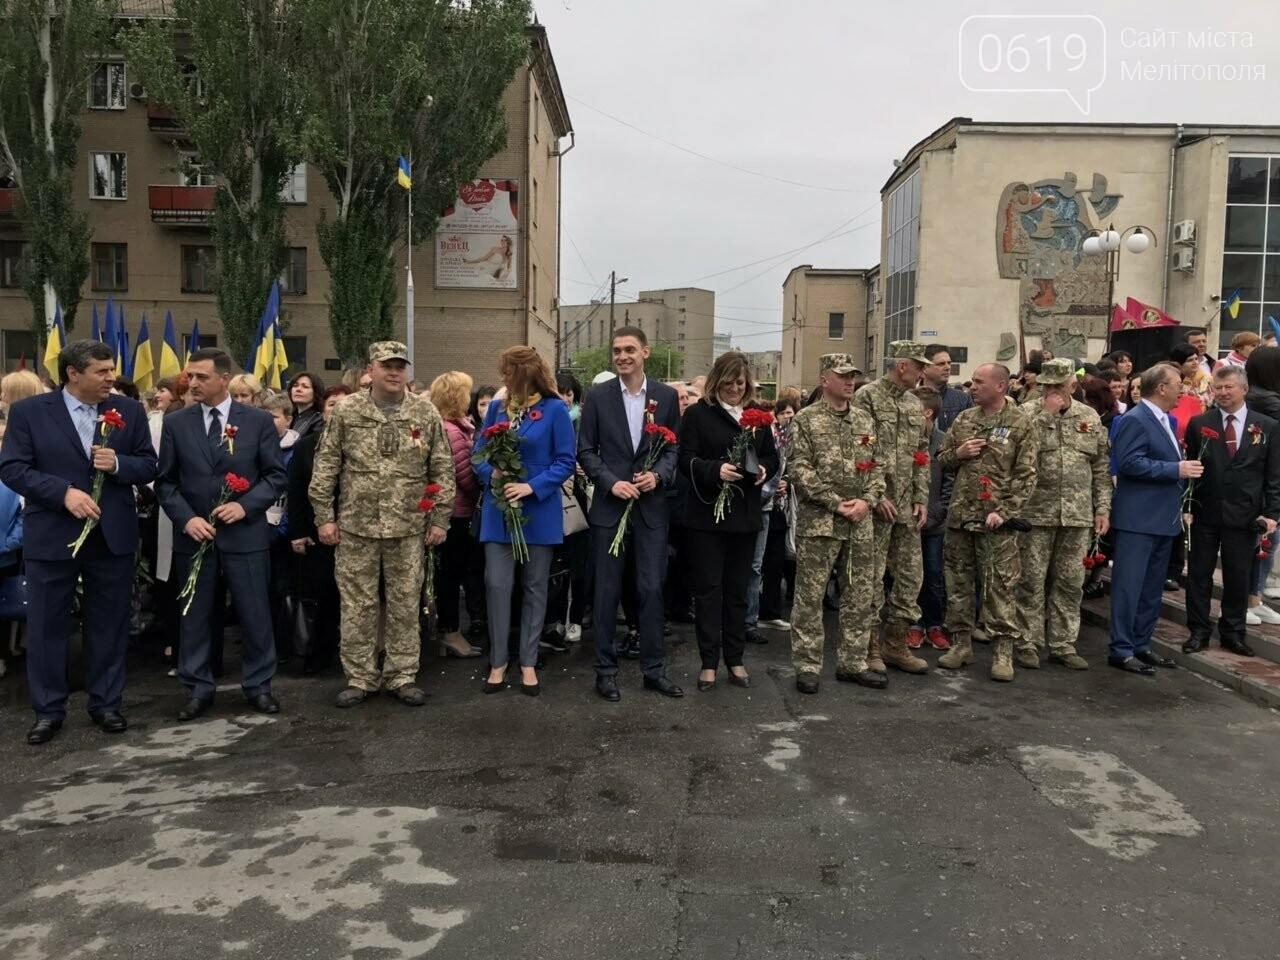 Погода не помешала мелитопольцам почтить память героев Второй мировой войны, фото-5